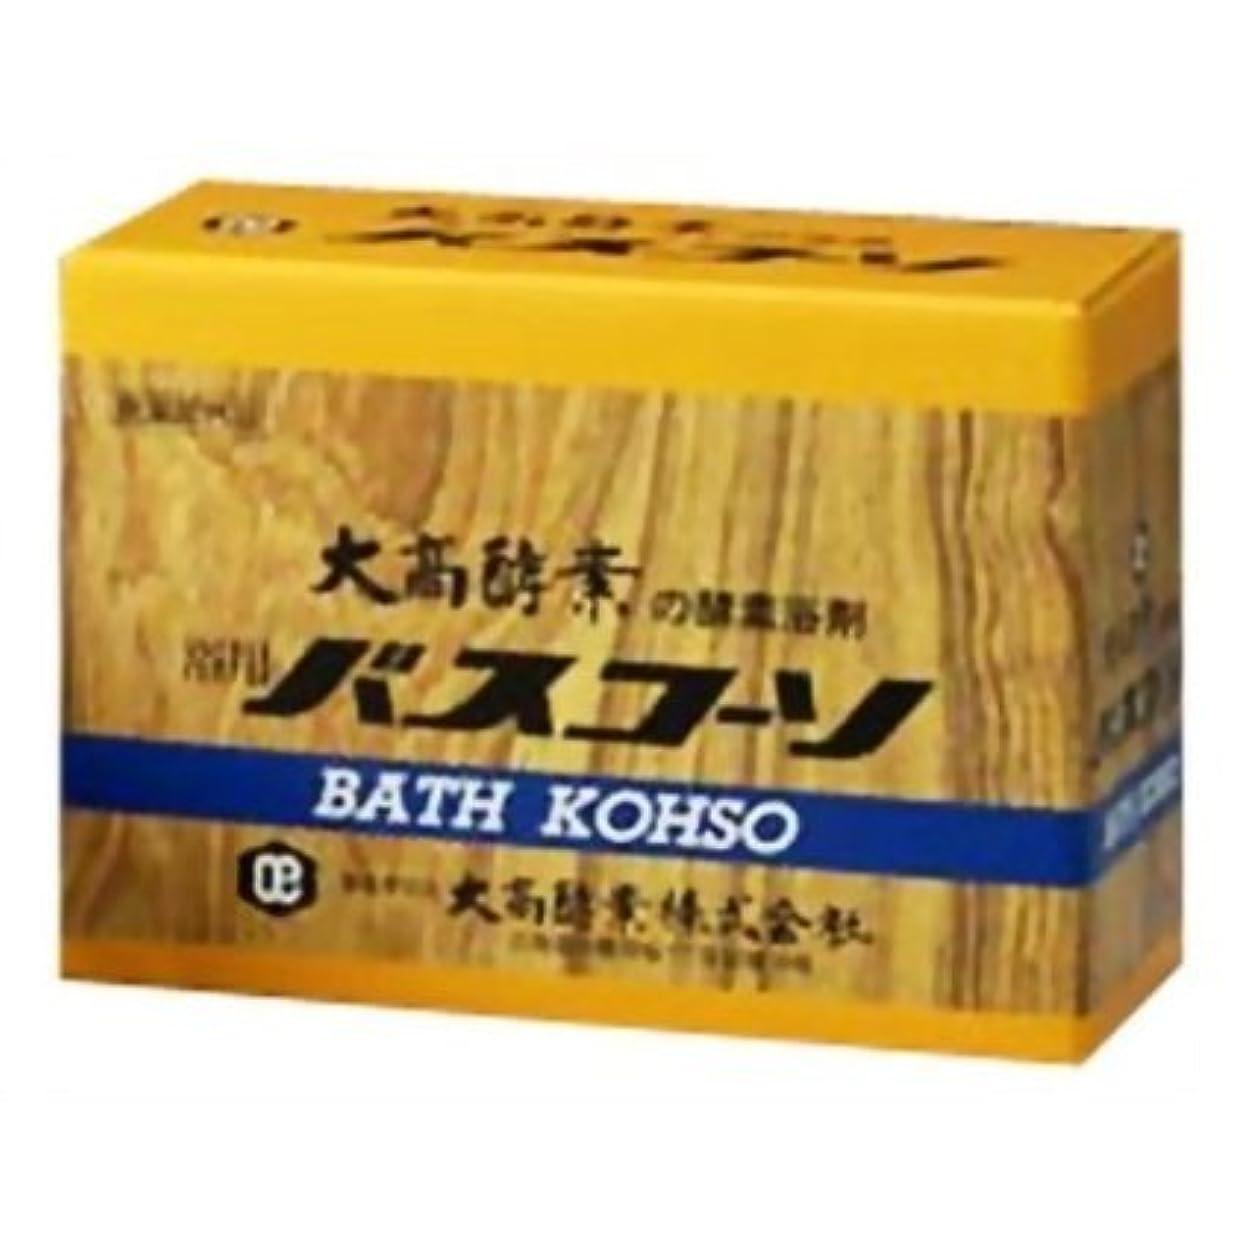 マイクロアスレチック退却大高酵素 浴用バスコーソ 100gx6 【4個セット】